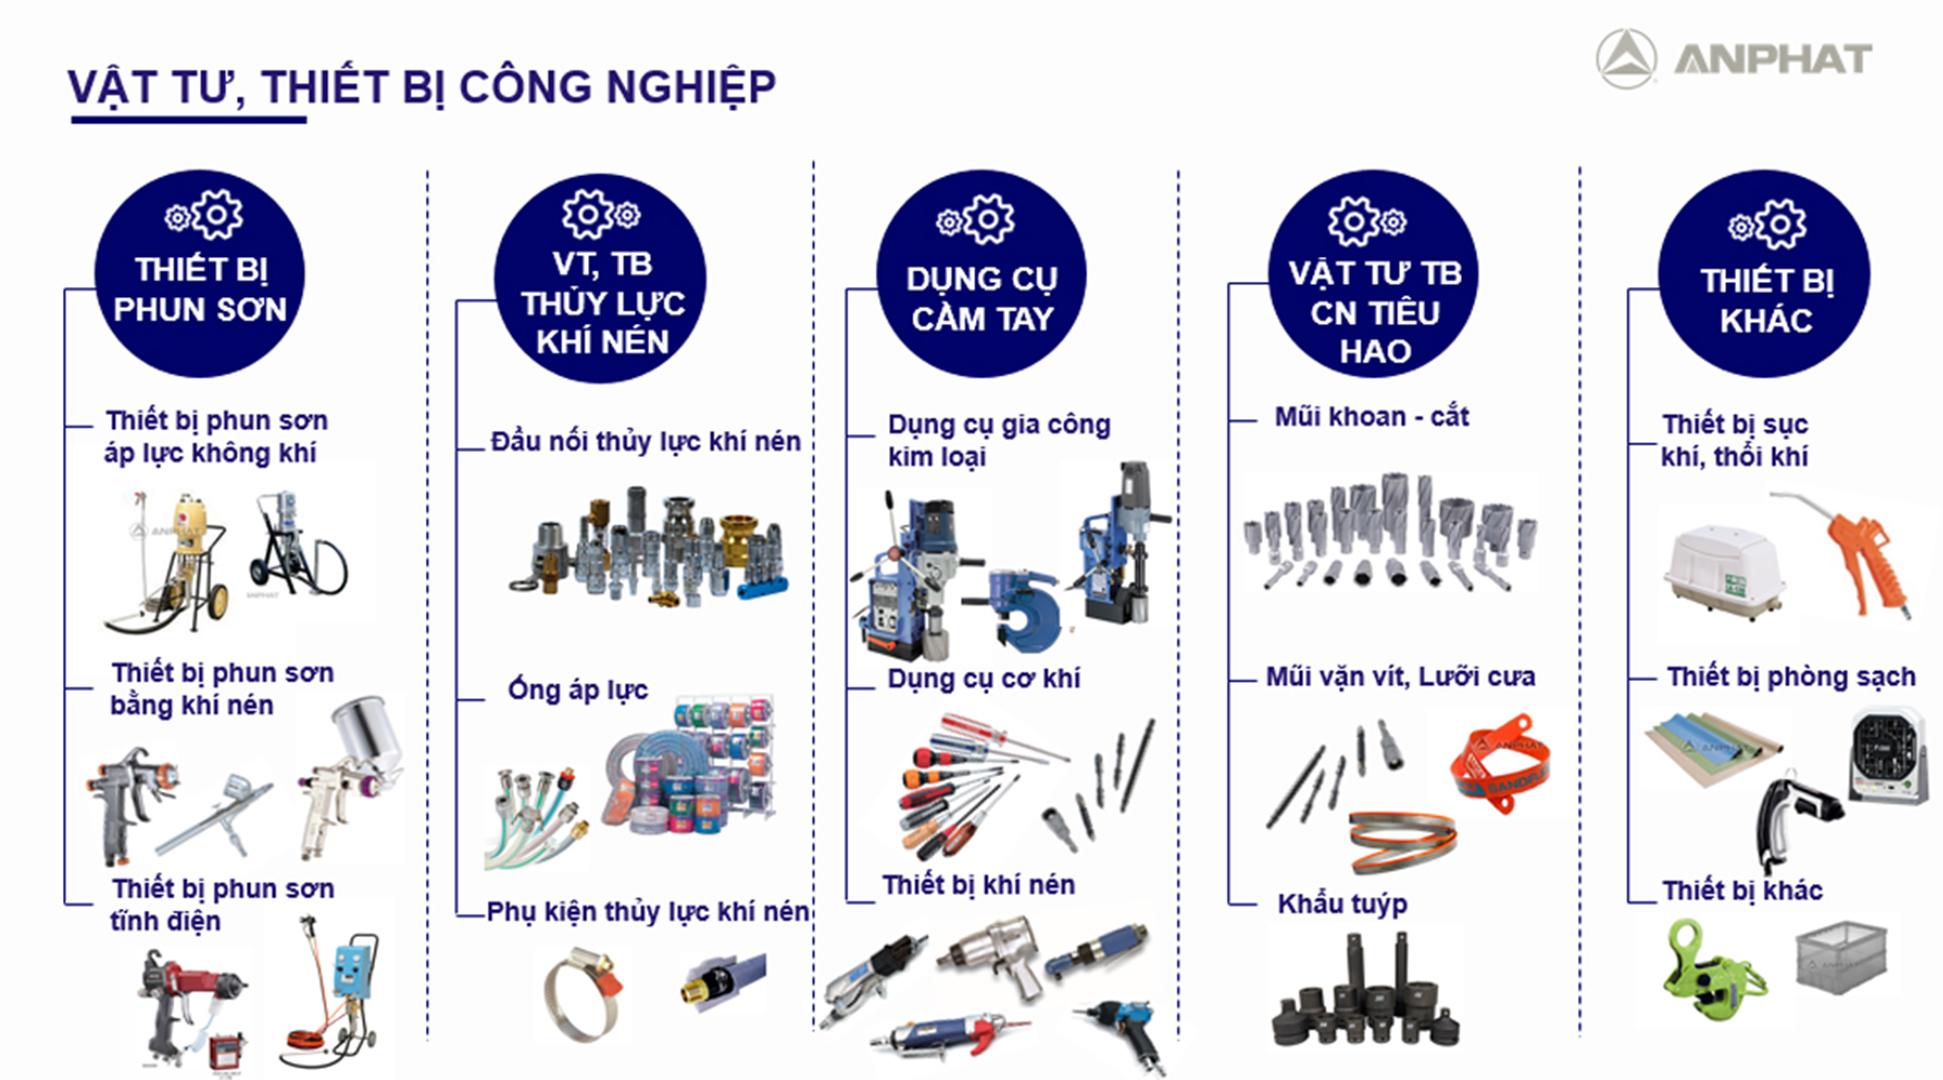 An Phát chuyên phân phối các sản phẩm thiết bị công nghiệp tại Việt Nam